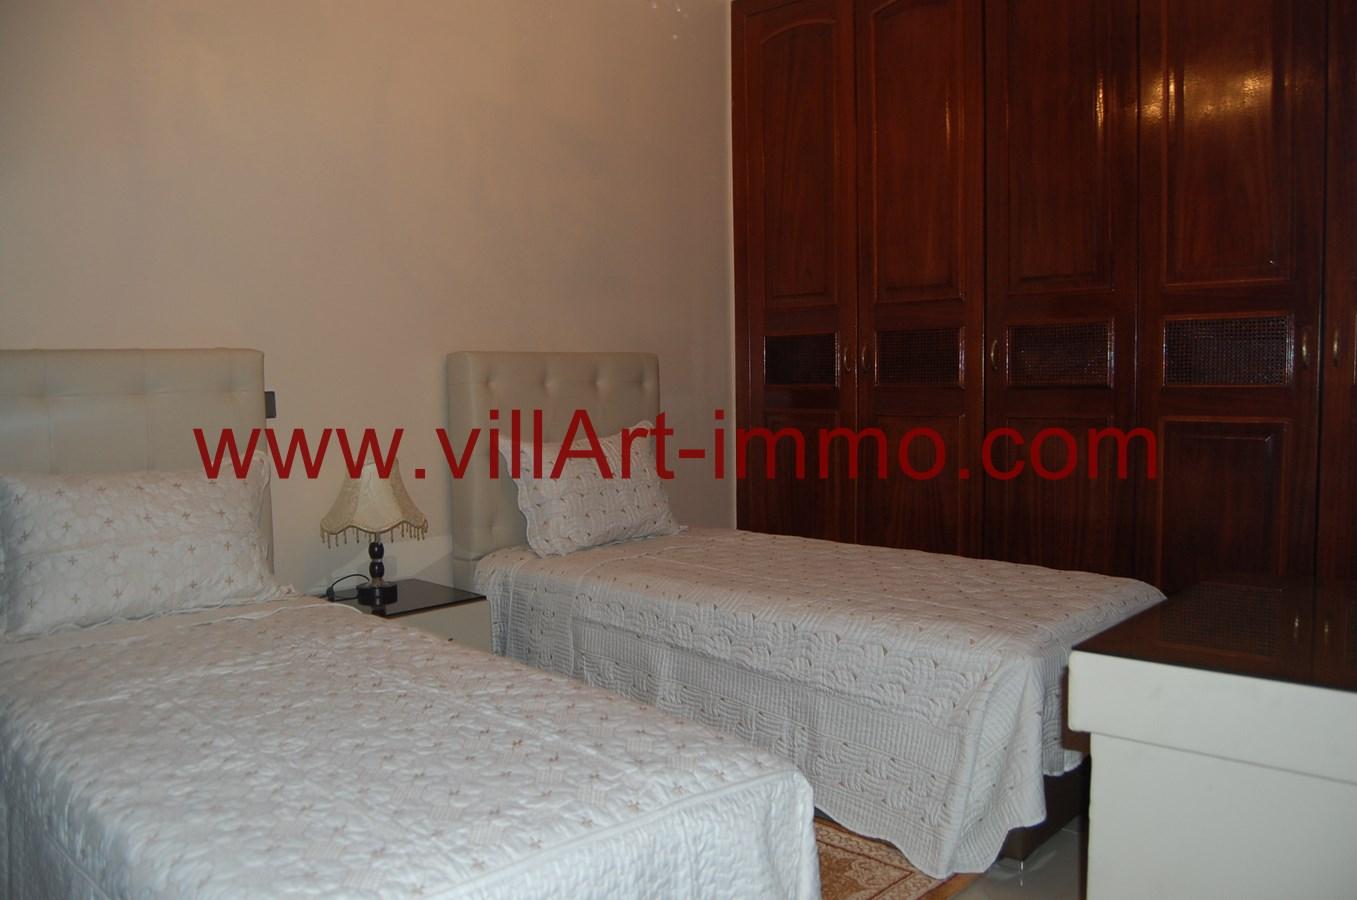 7-vente-appartement-tanger-iberia-chambre-2-va435-villart-immo